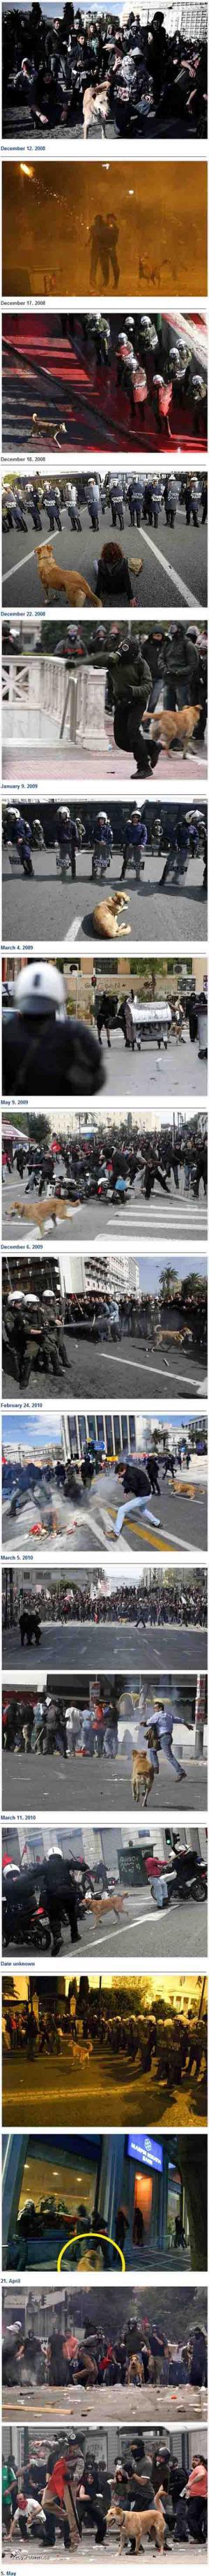 pes ktory miluje demostracie